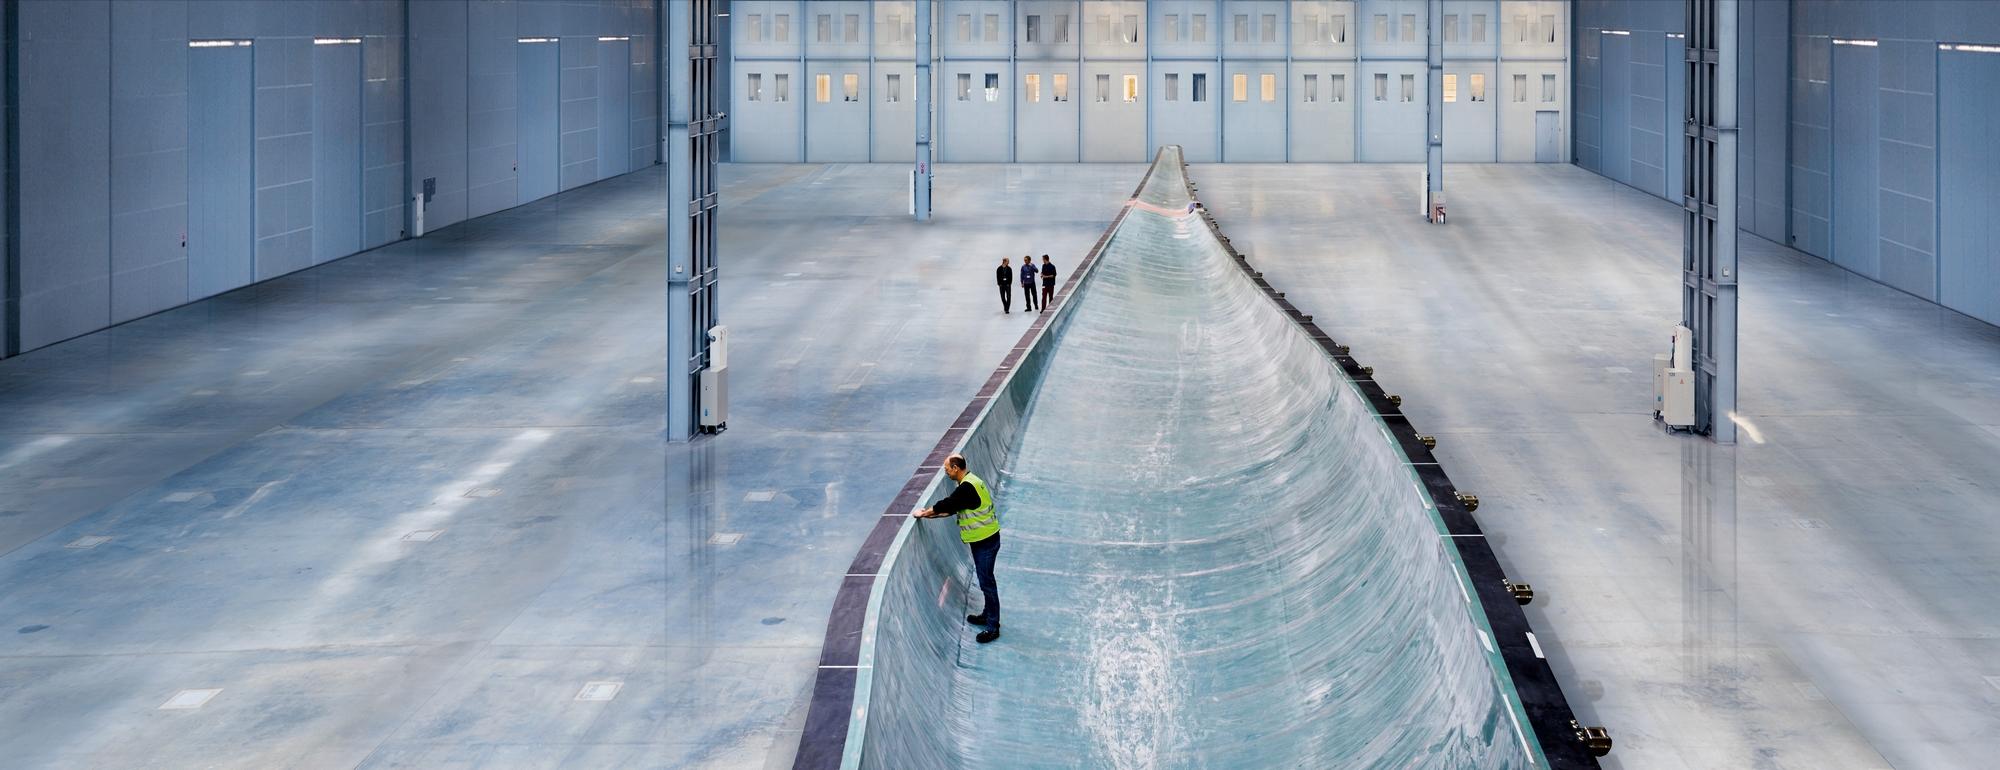 Usine de pâles de Siemens. (Crédit : Siemens)